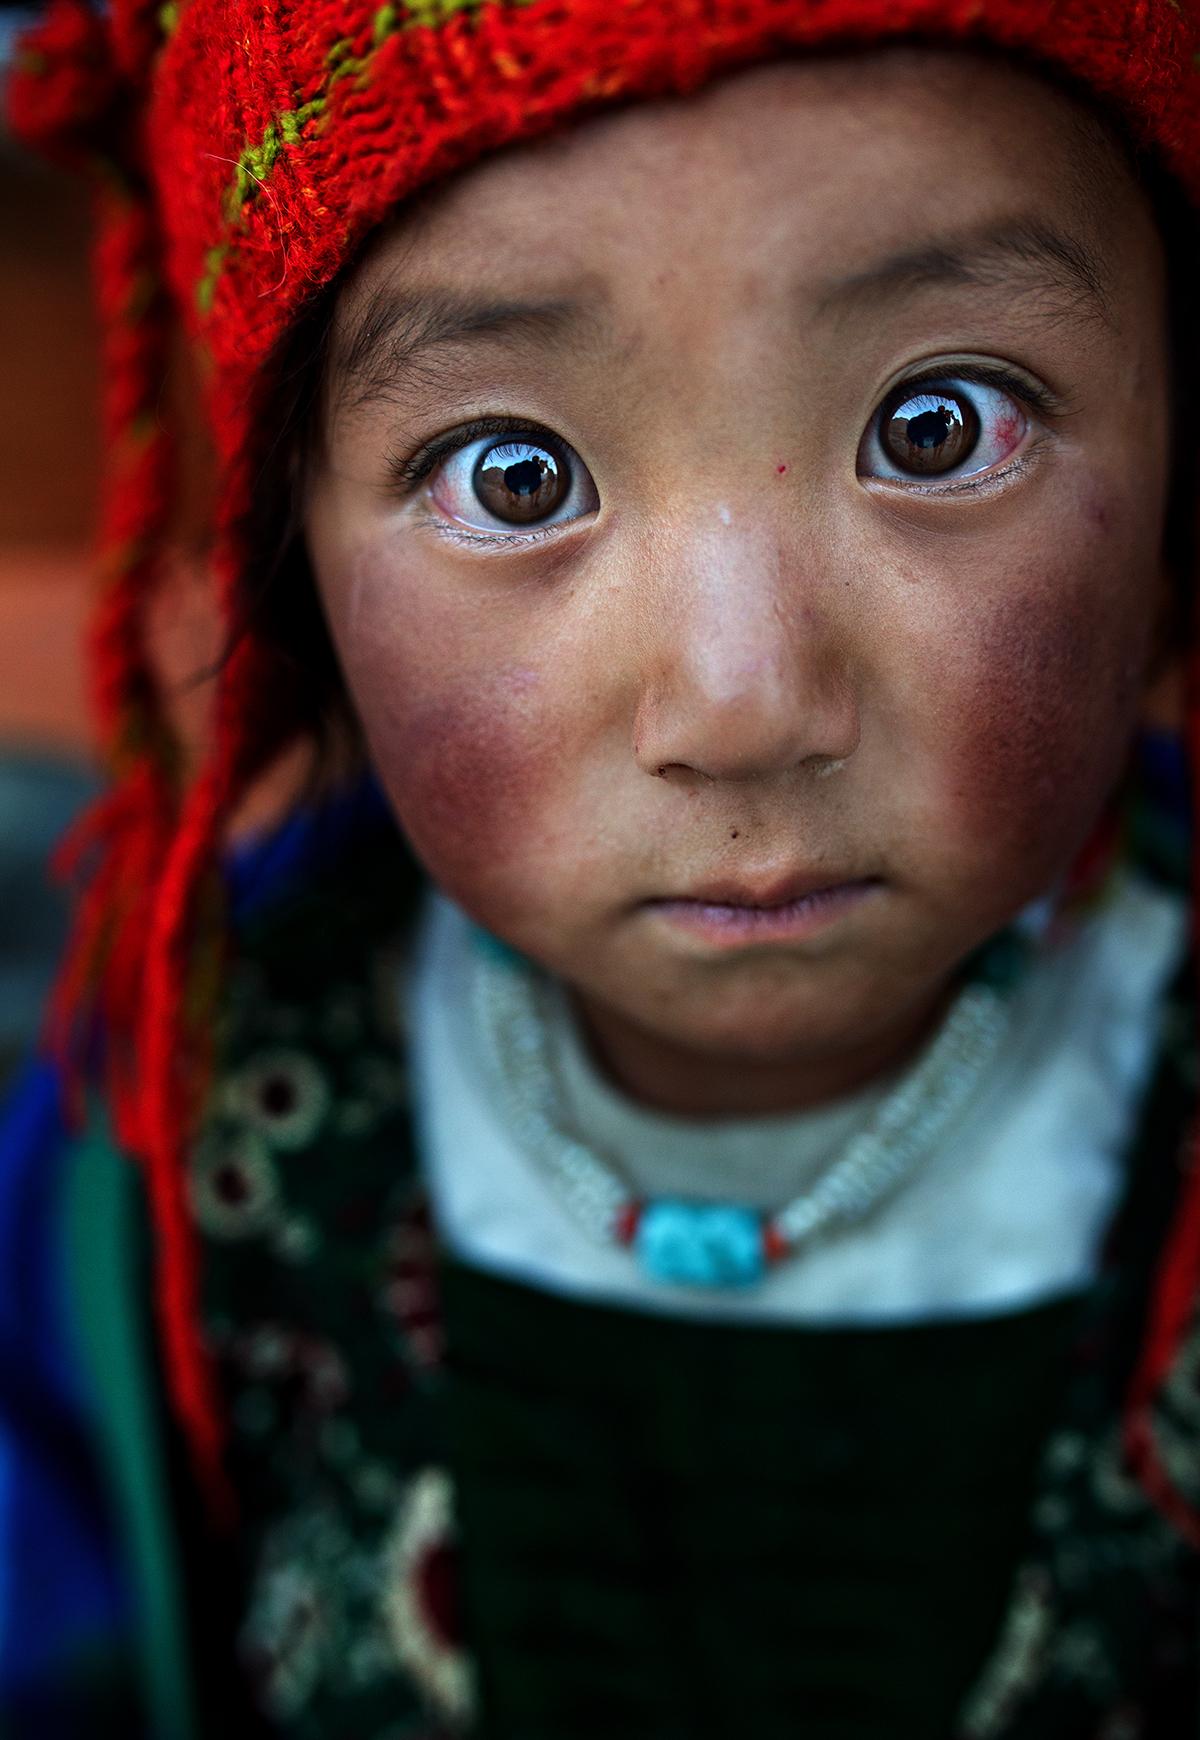 Gli occhi pi belli del mondo juzaphoto for I mobili piu belli del mondo